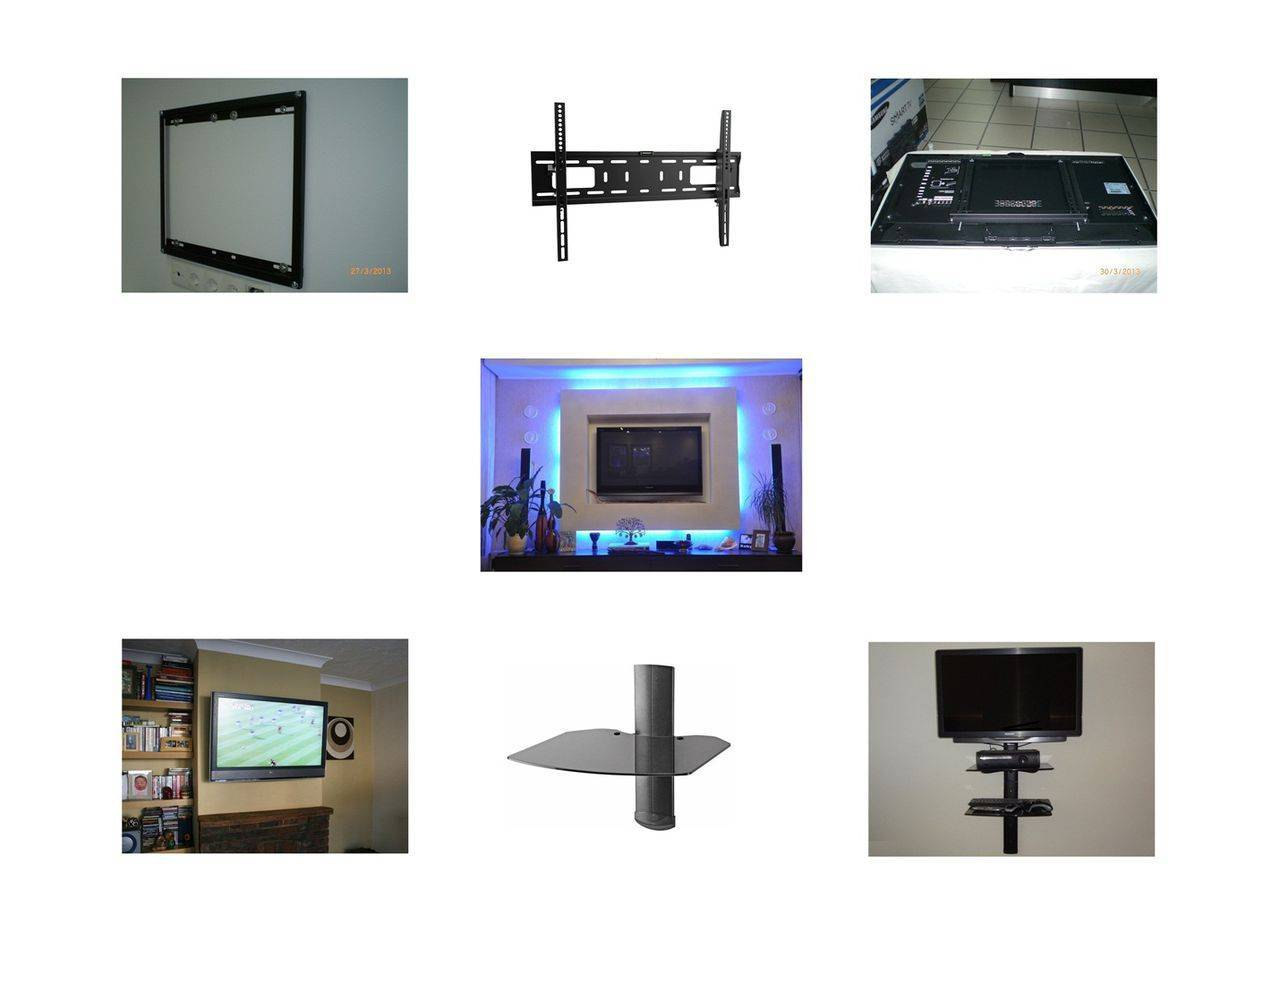 Как повесить телевизор на стену: выбор, крепление кронштейнов